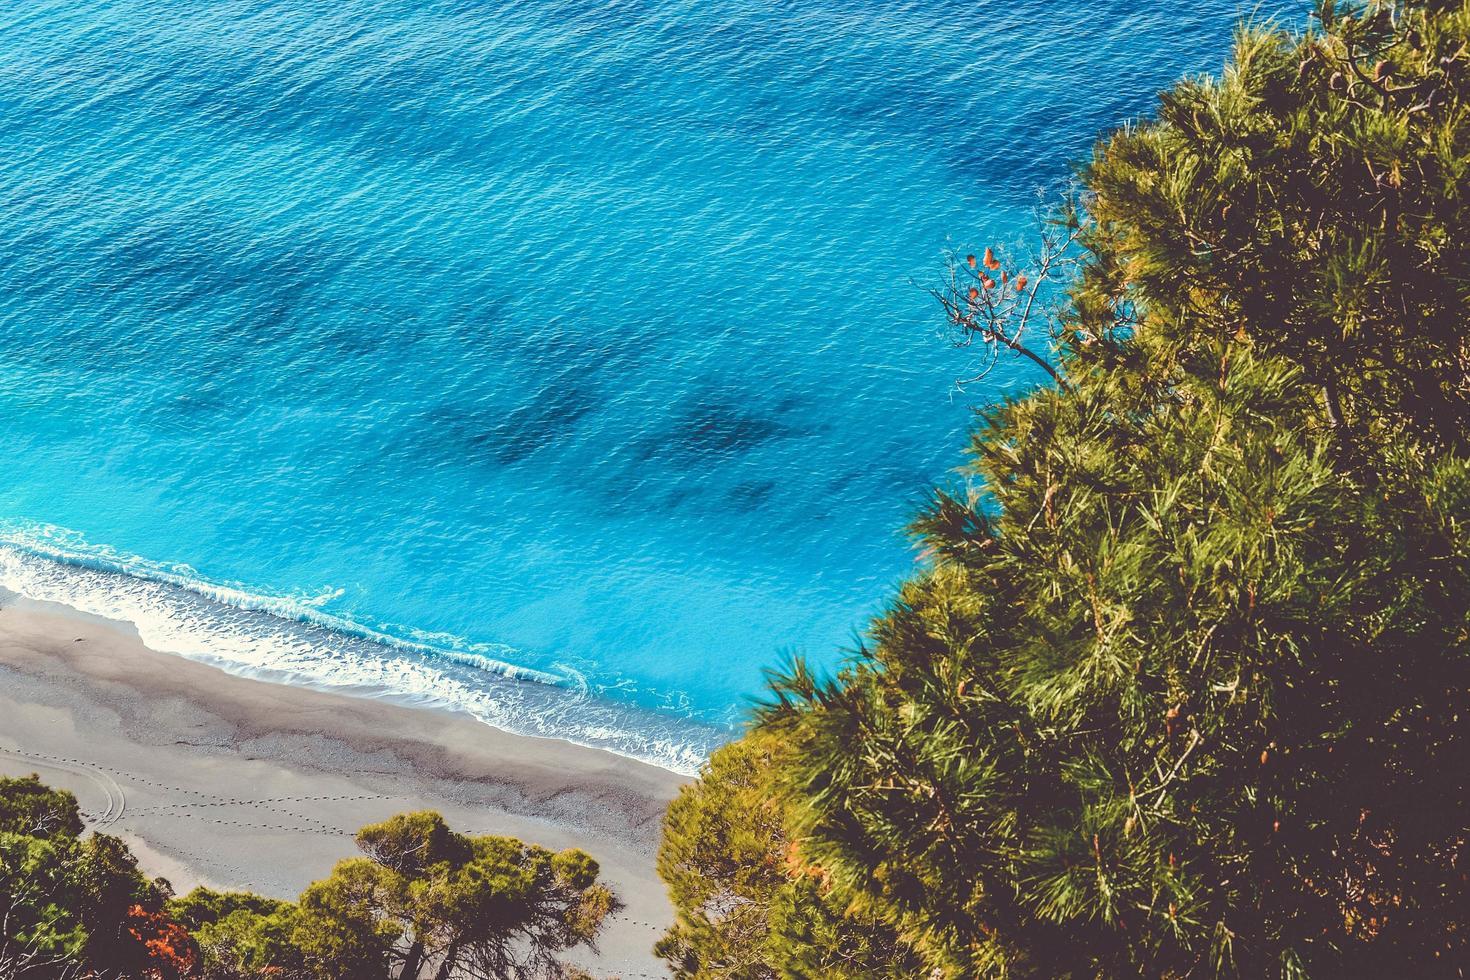 arbres de l'océan donnant sur l'eau photo